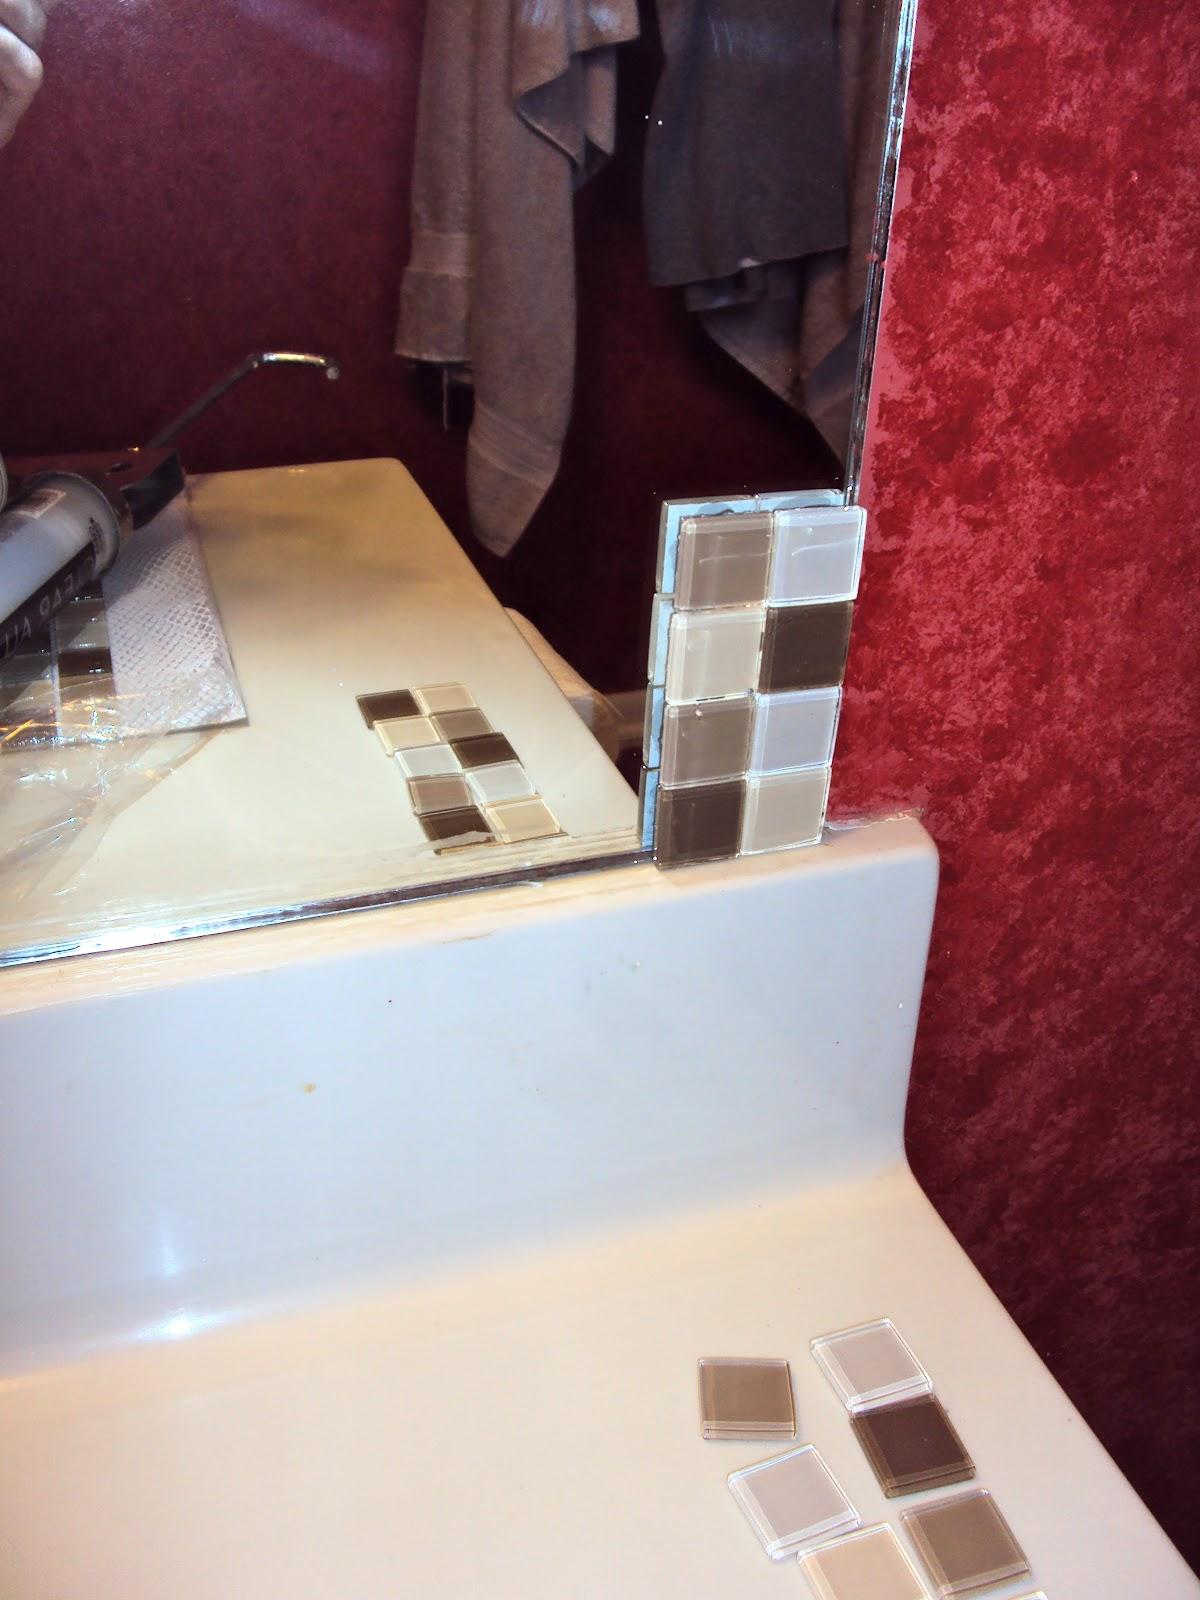 The Duty Chronicles Tiled Bathroom Mirror